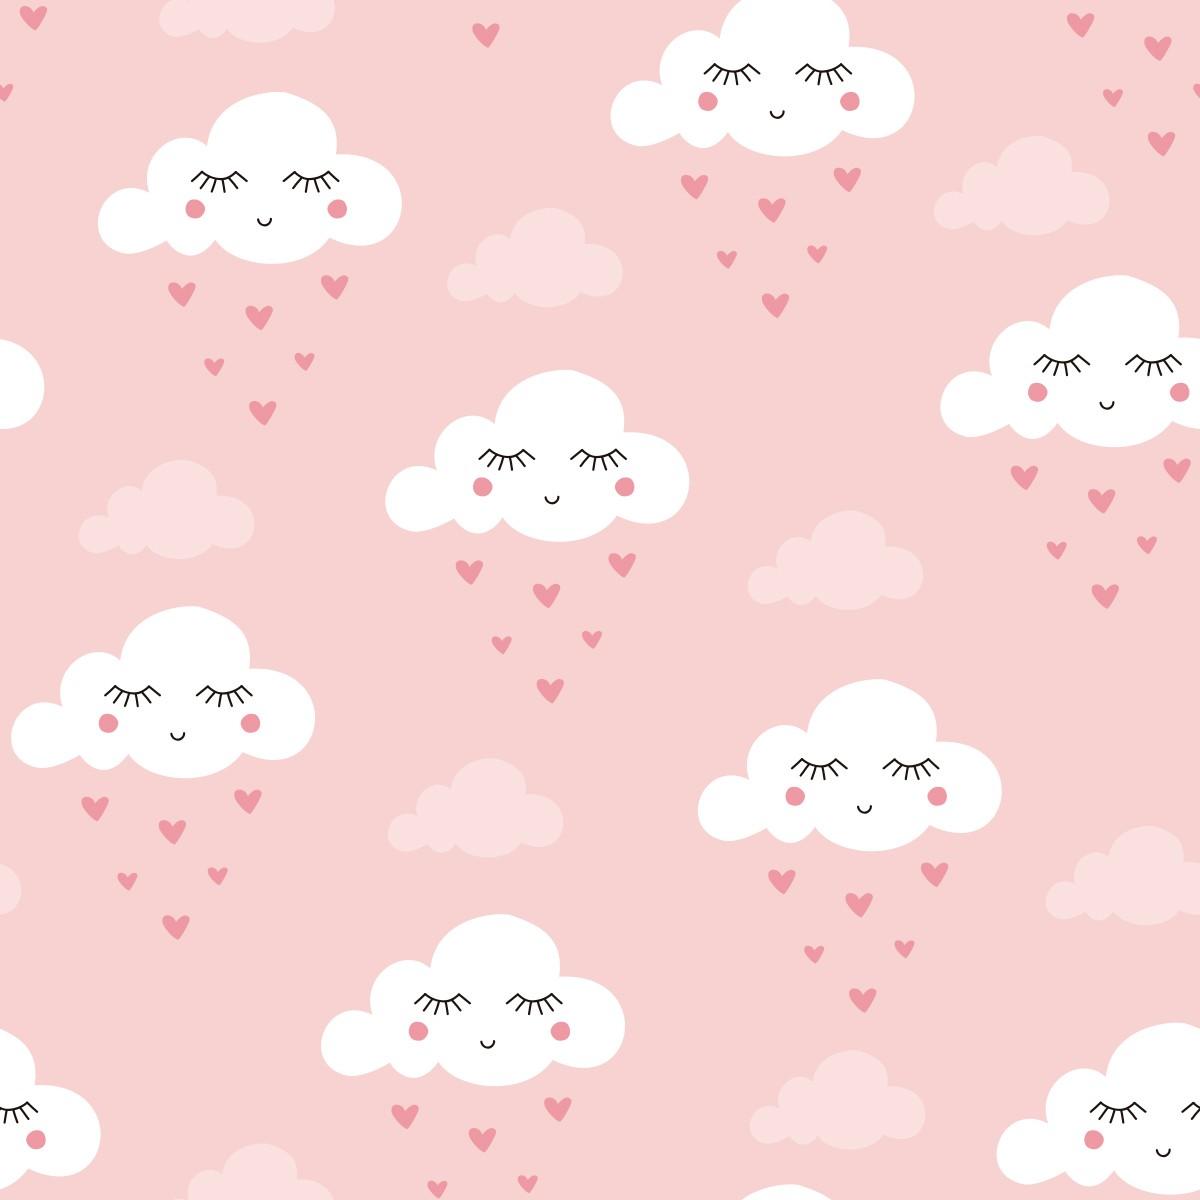 Papel de Parede Nuvens Chuva de Corações Adesivo